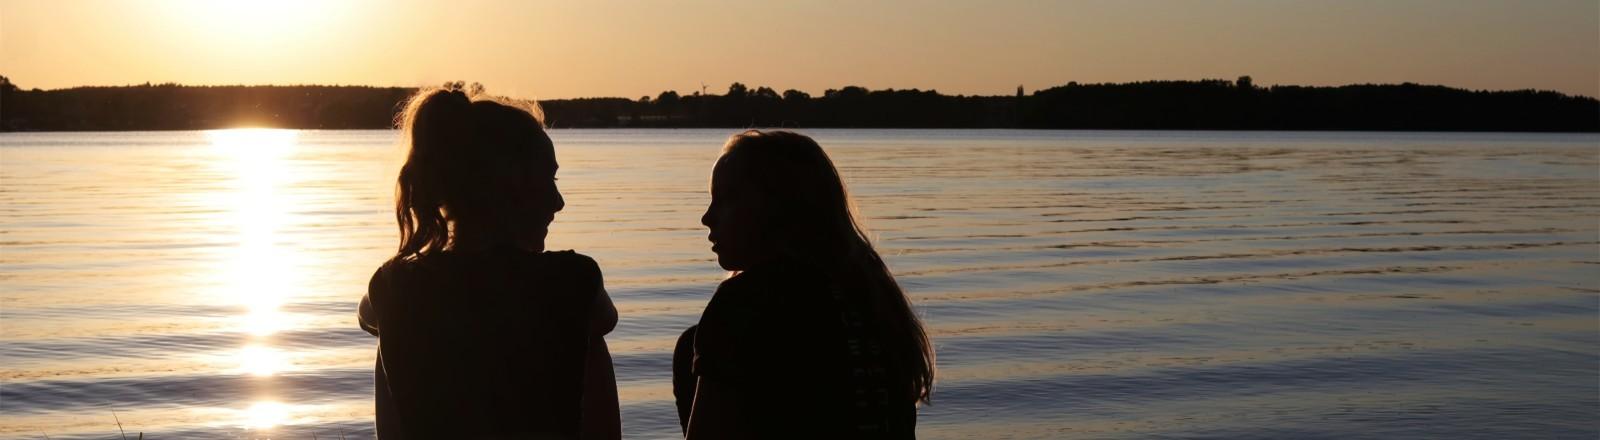 Zwei junge Frauen sitzen im Sonnenuntergang am Strand und unterhalten sich.